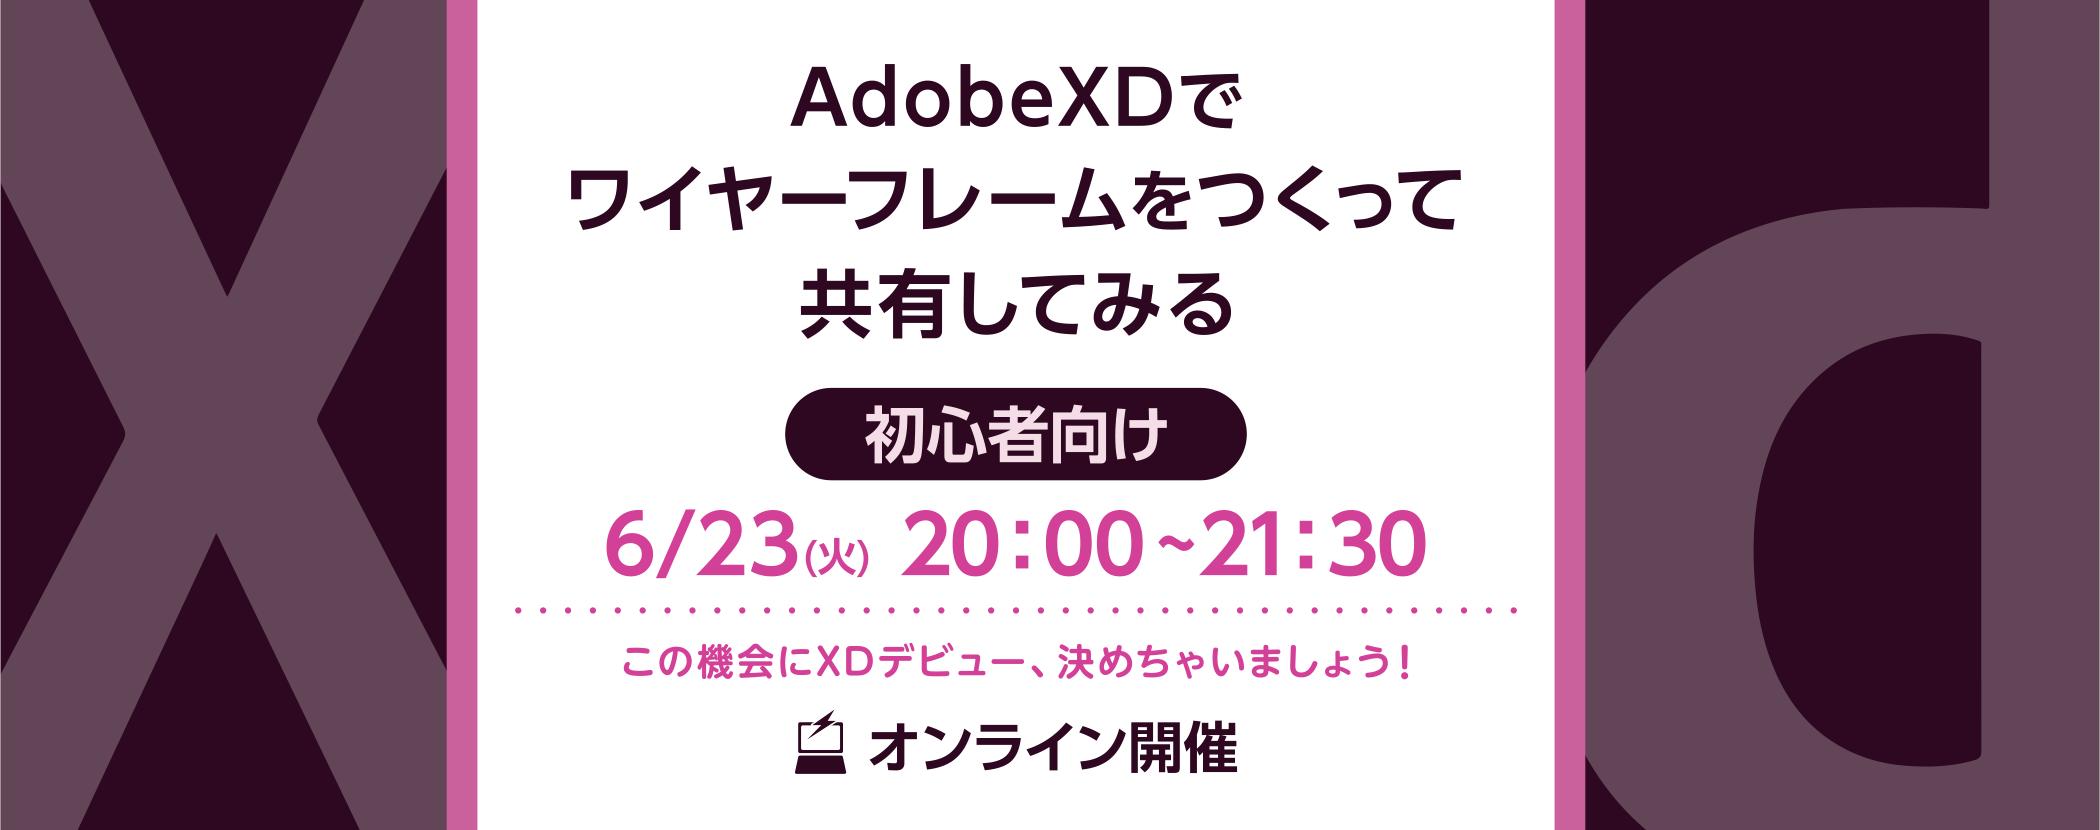 初心者向け|AdobeXDでワイヤーフレームをつくって共有してみる